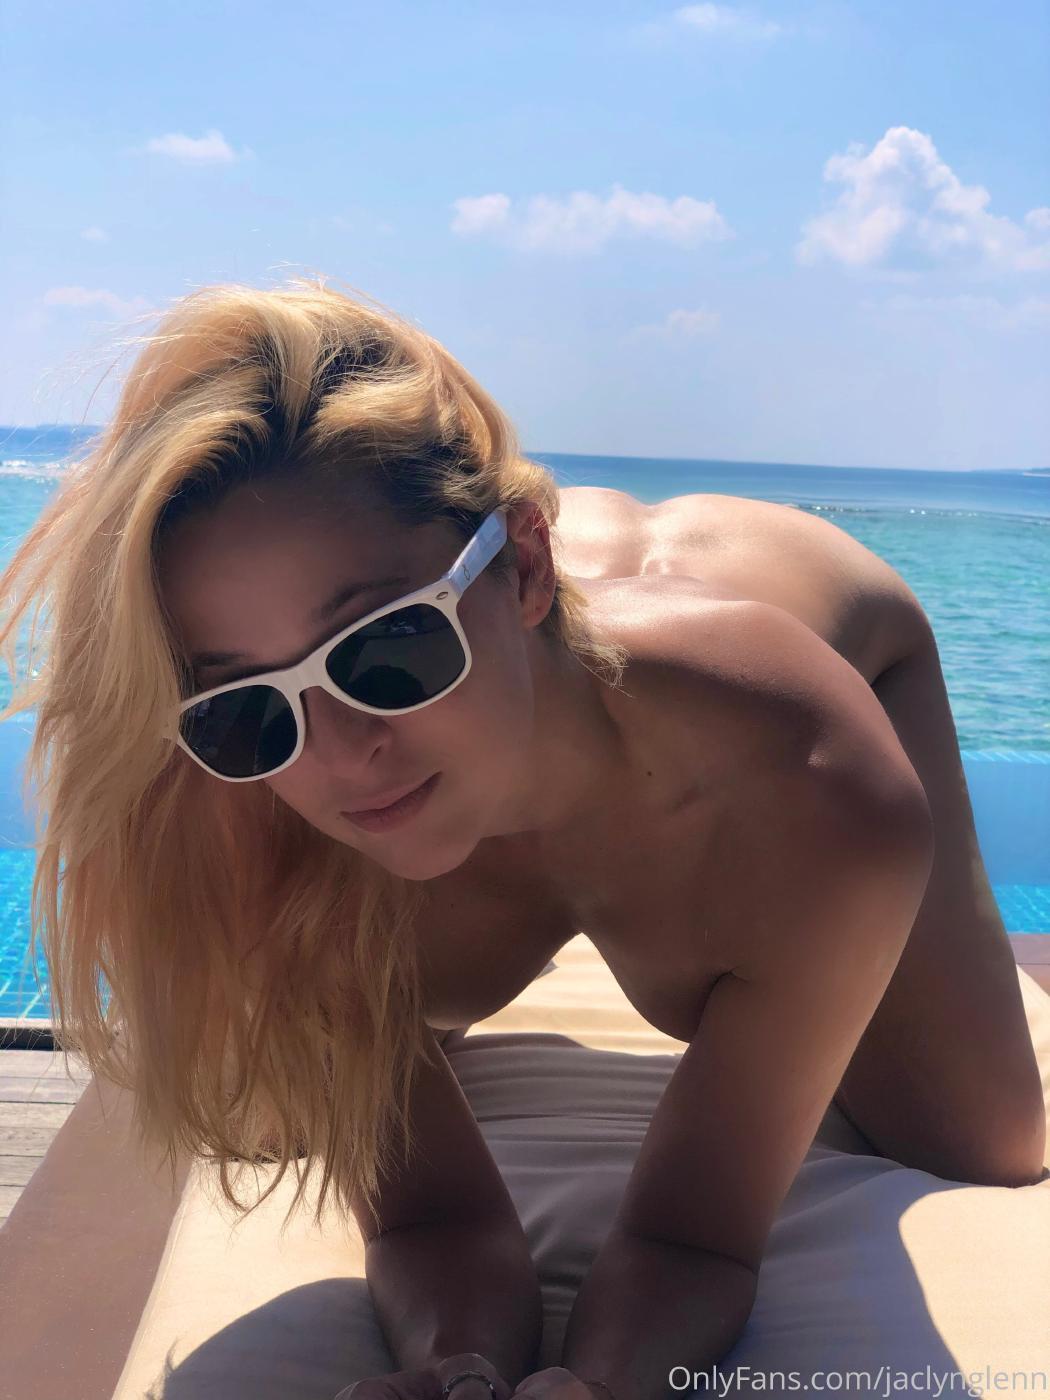 Jaclyn Glenn Nude Bikini Onlyfans Set Leaked Lgykph